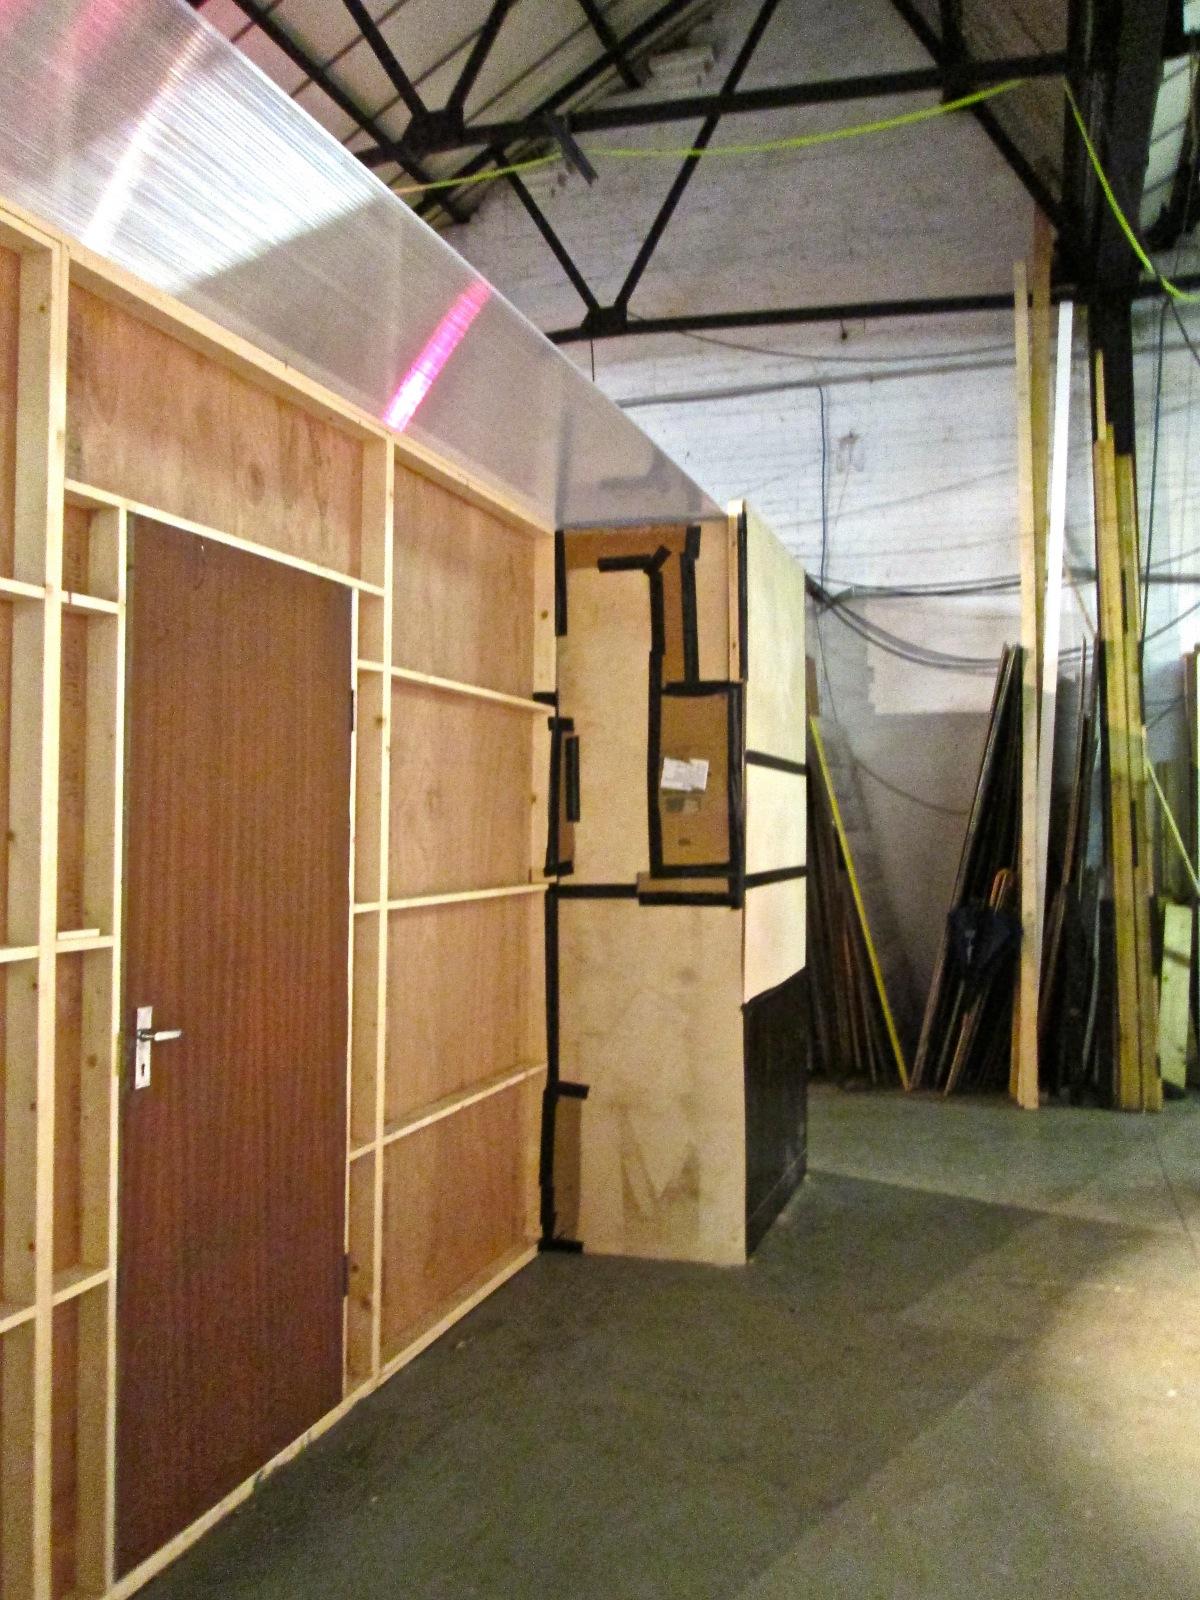 Restraining mental carpentry